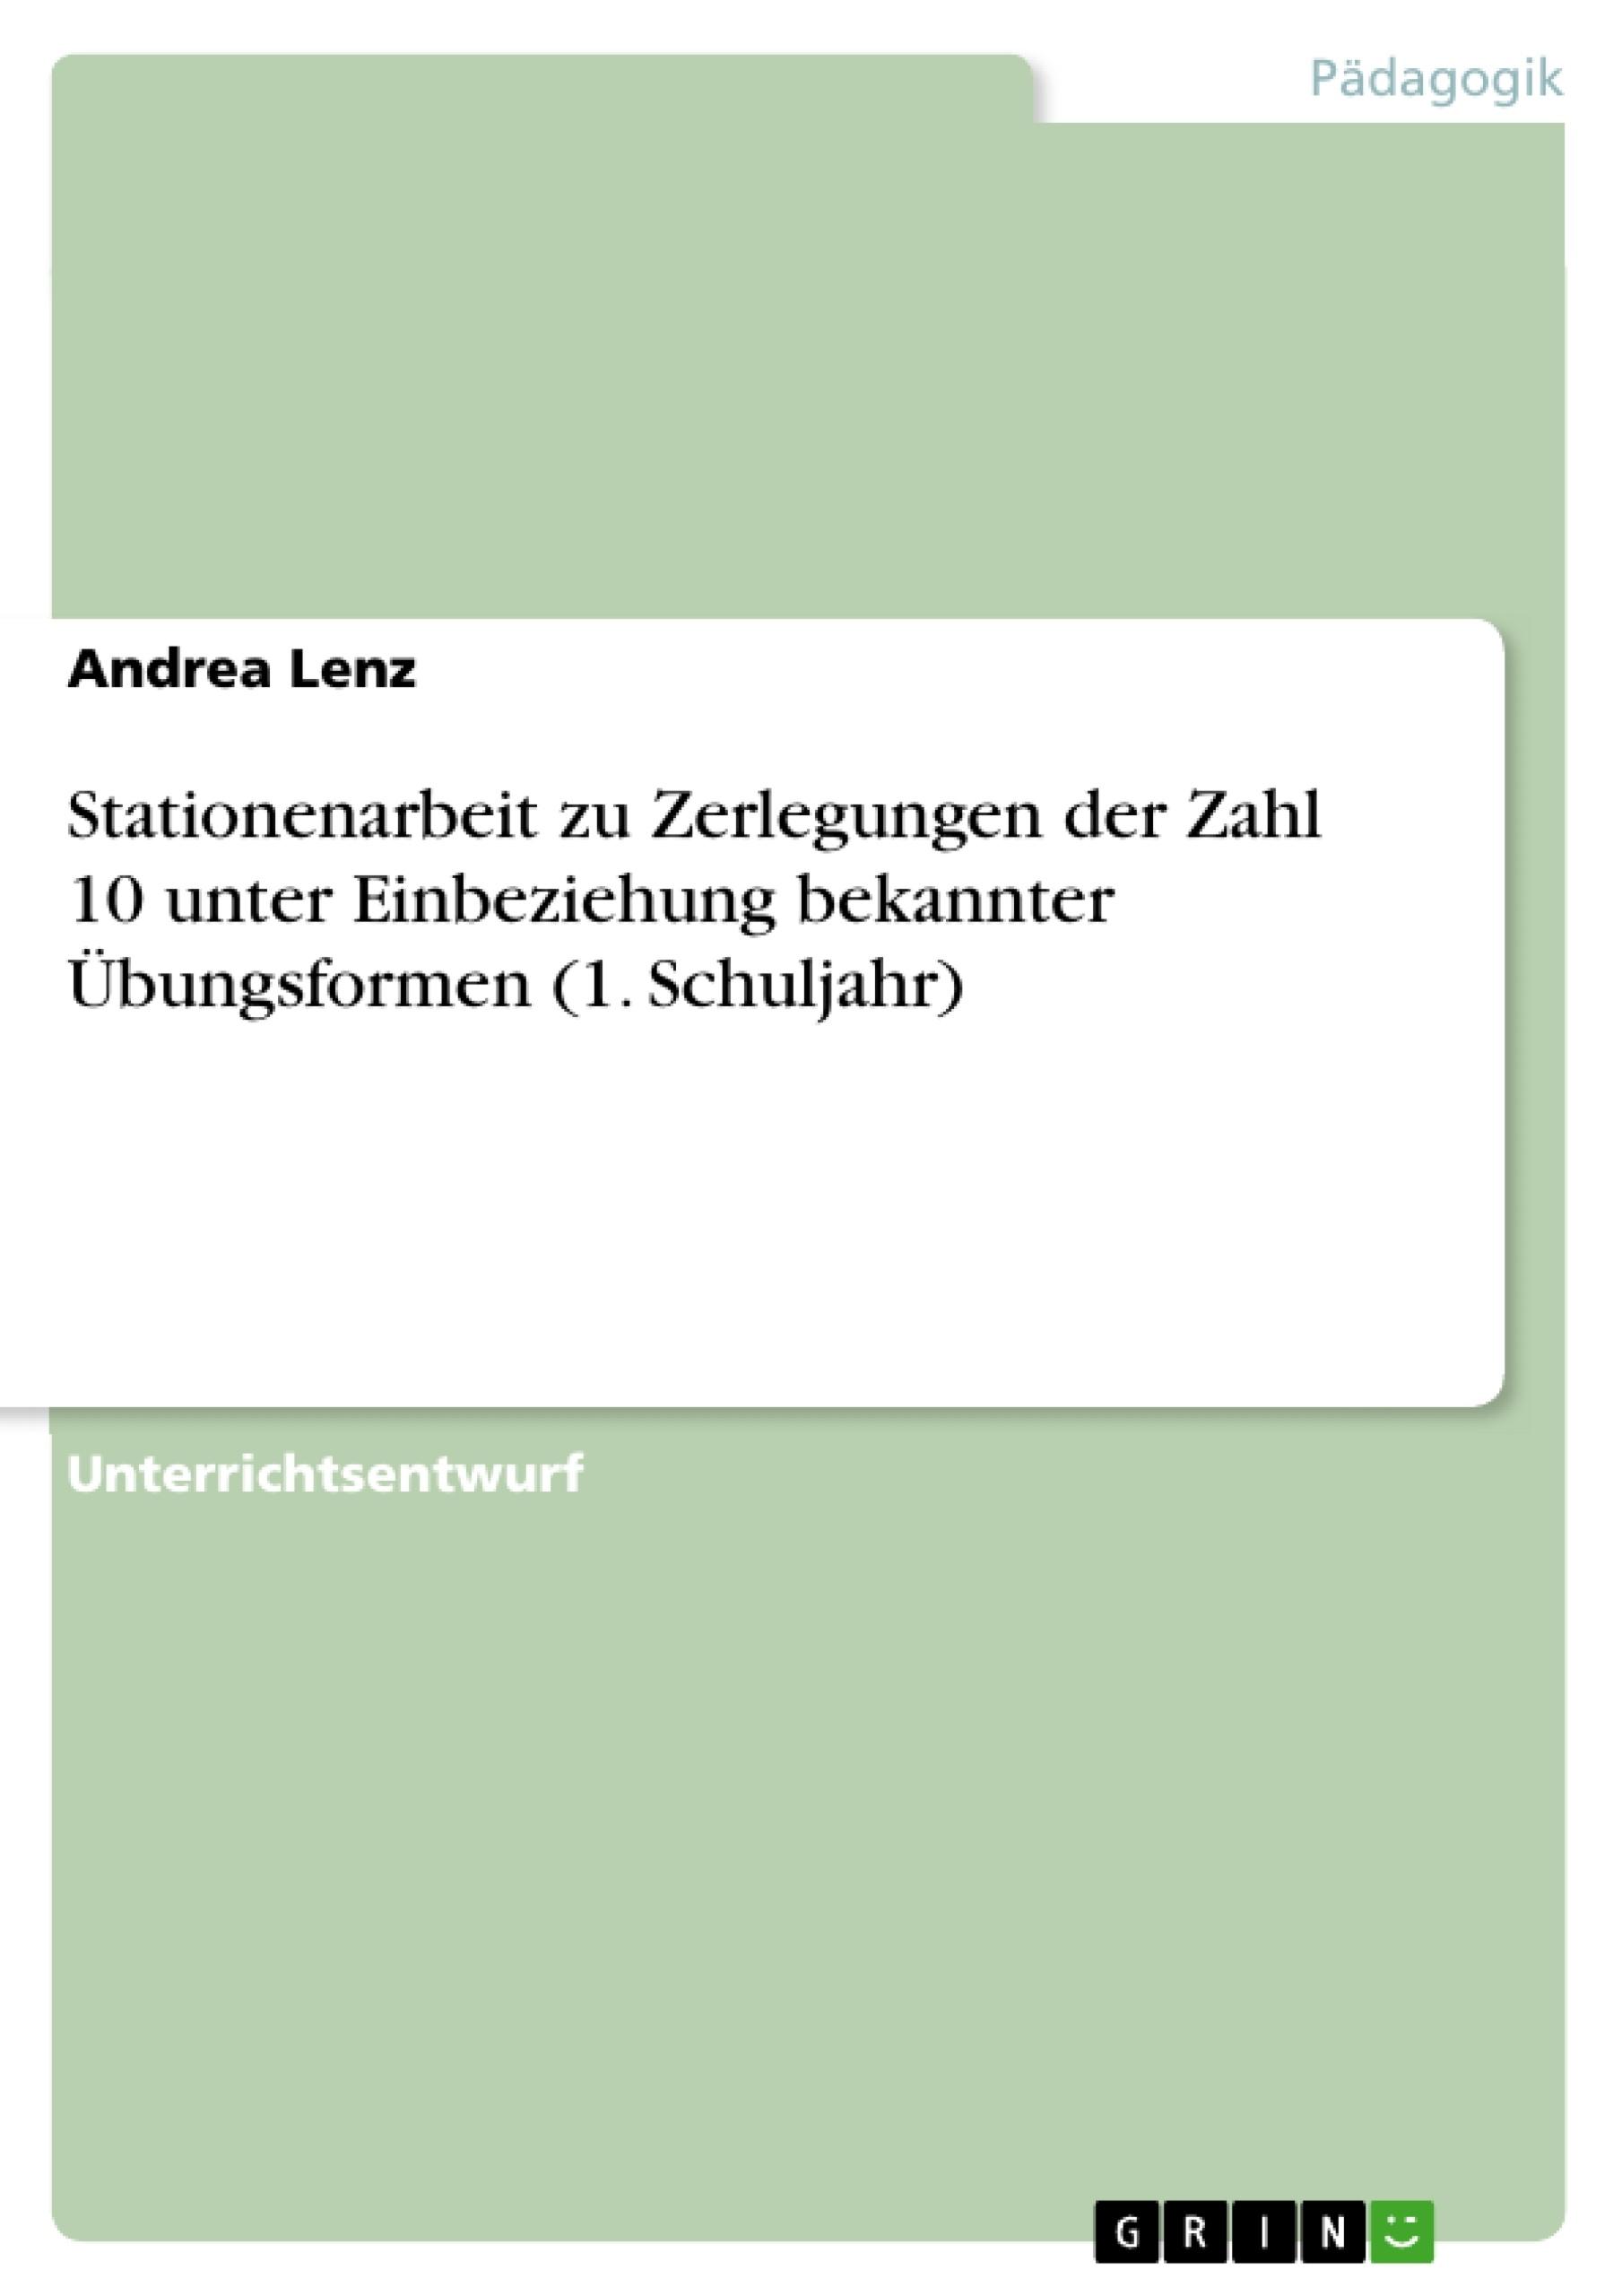 Titel: Stationenarbeit zu Zerlegungen der Zahl 10 unter Einbeziehung bekannter Übungsformen (1. Schuljahr)